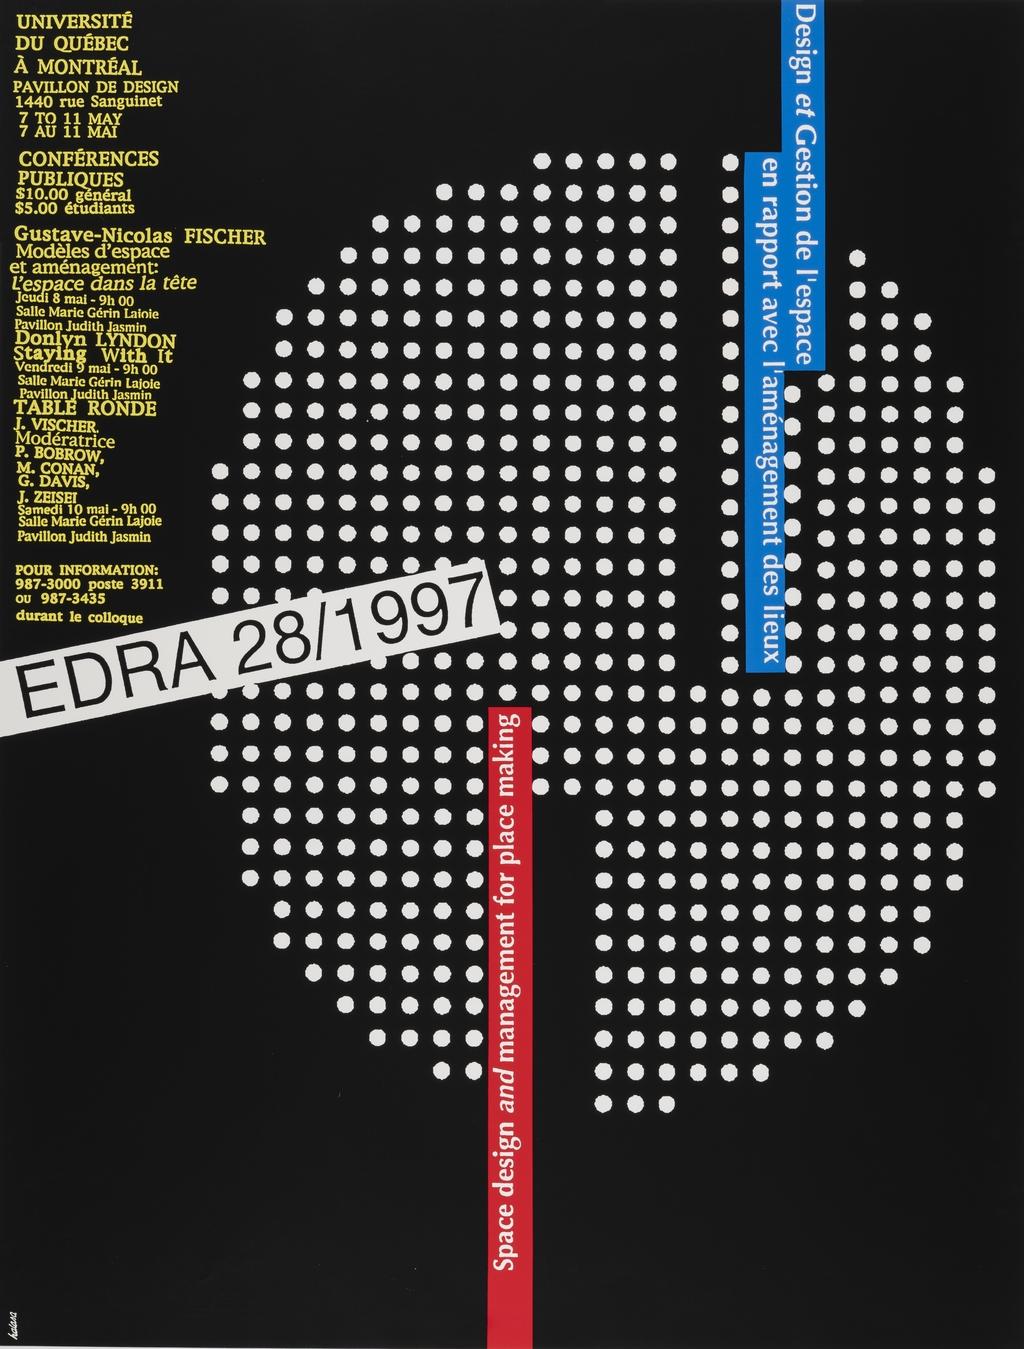 EDRA 28/1997. Design et gestion de l'espace en rapport avec l'aménagement des lieux